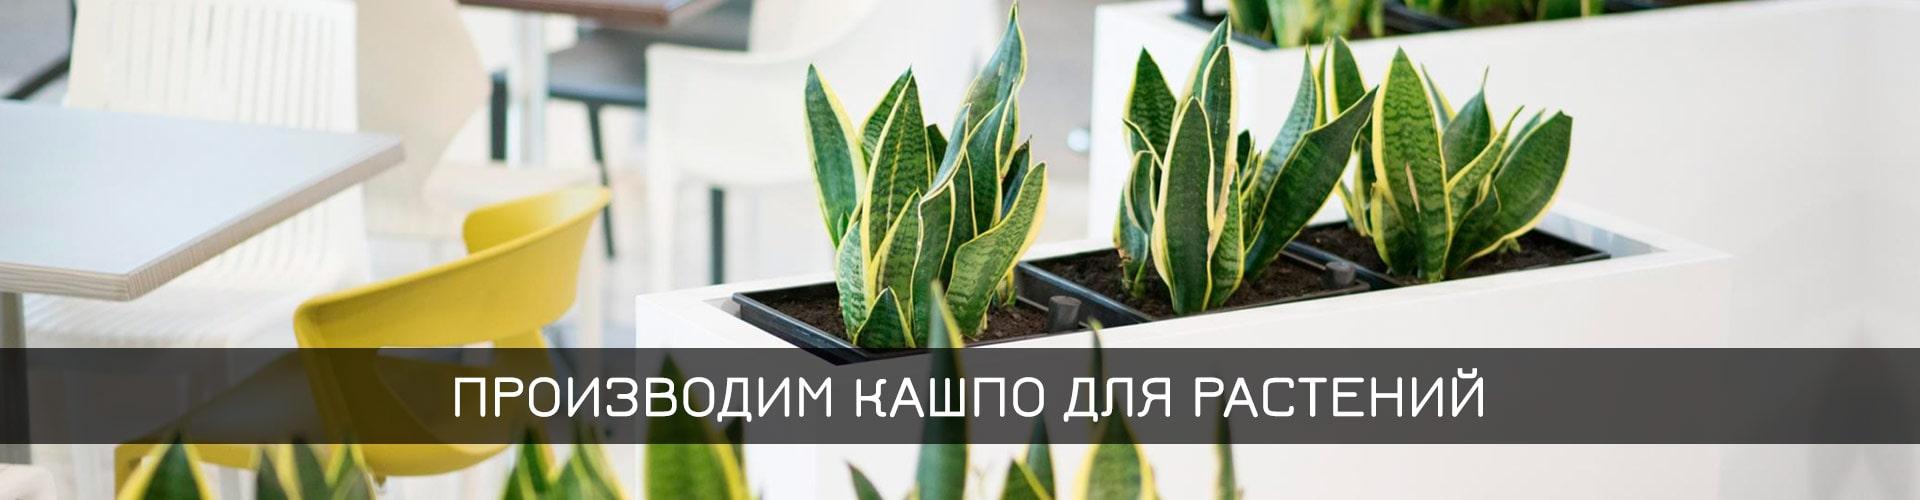 Растения для кашпо